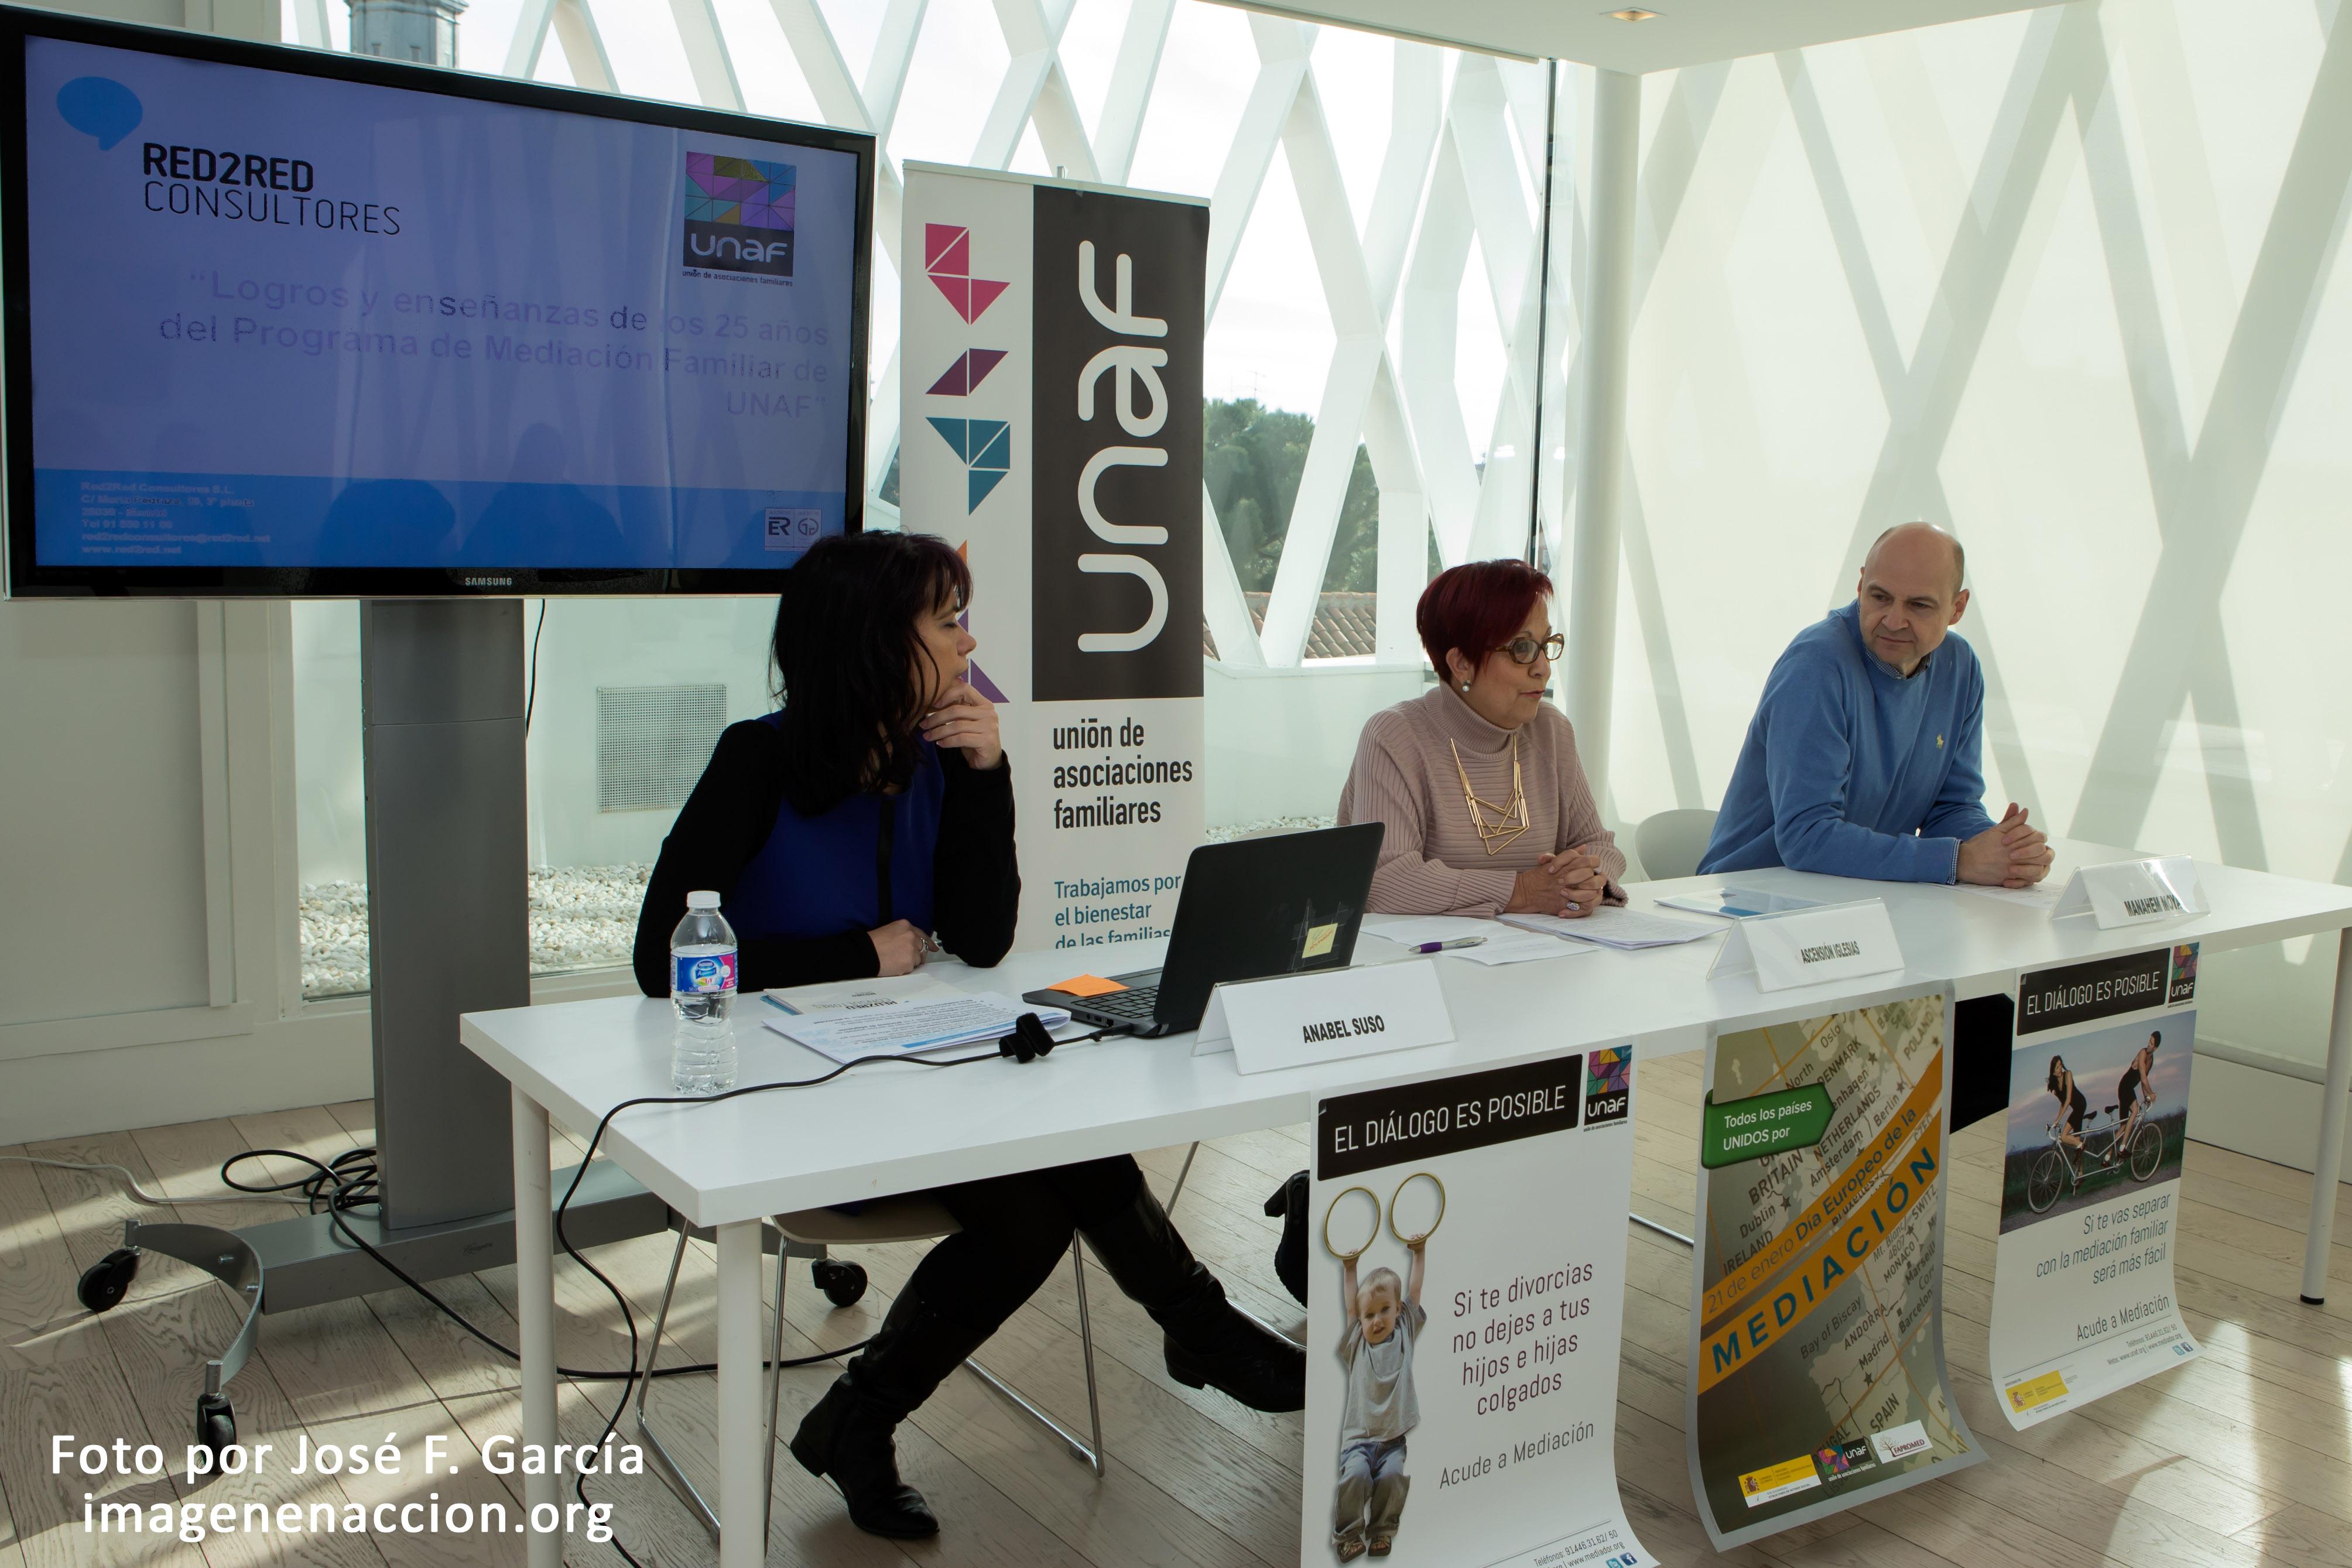 UNAF analiza los logros y enseñanzas de los 25 años de su Programa de Mediación Familiar en un estudio